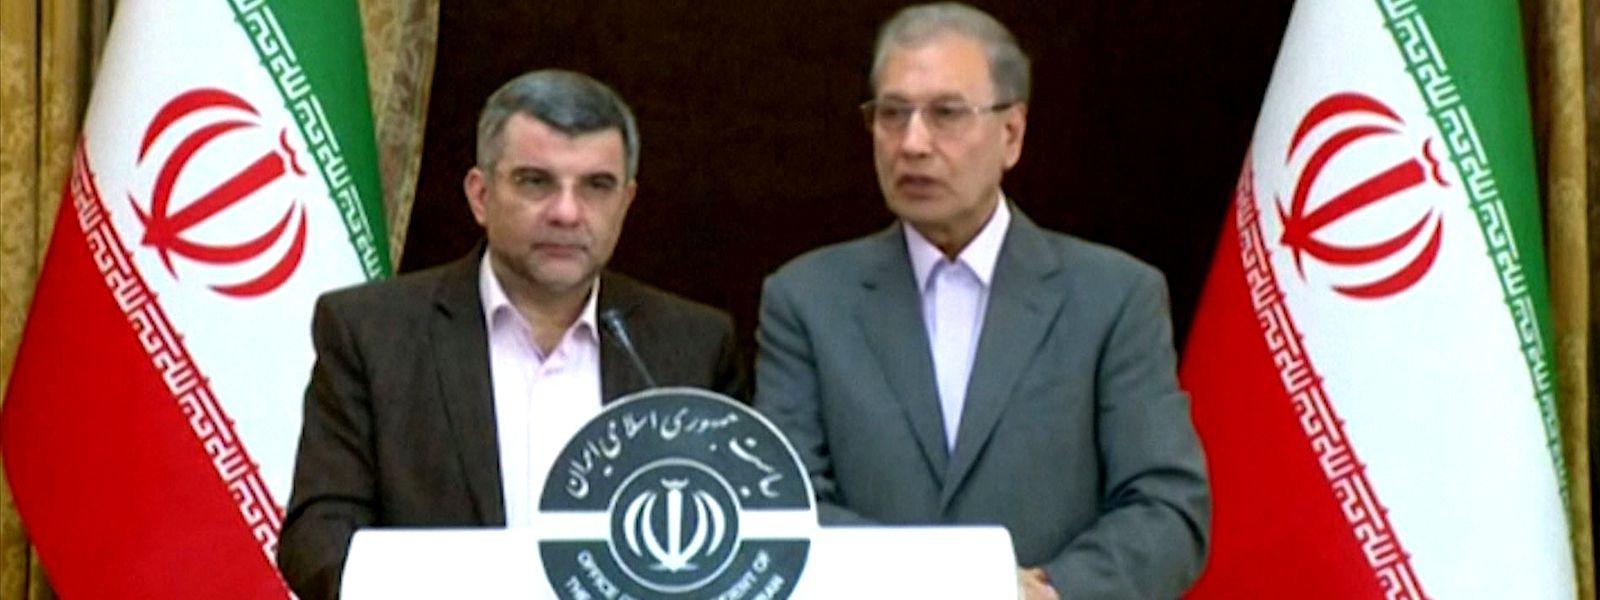 Iraj Harirchi, à esquerda na foto, esteve na linha da frente no combate ao coronavírus.